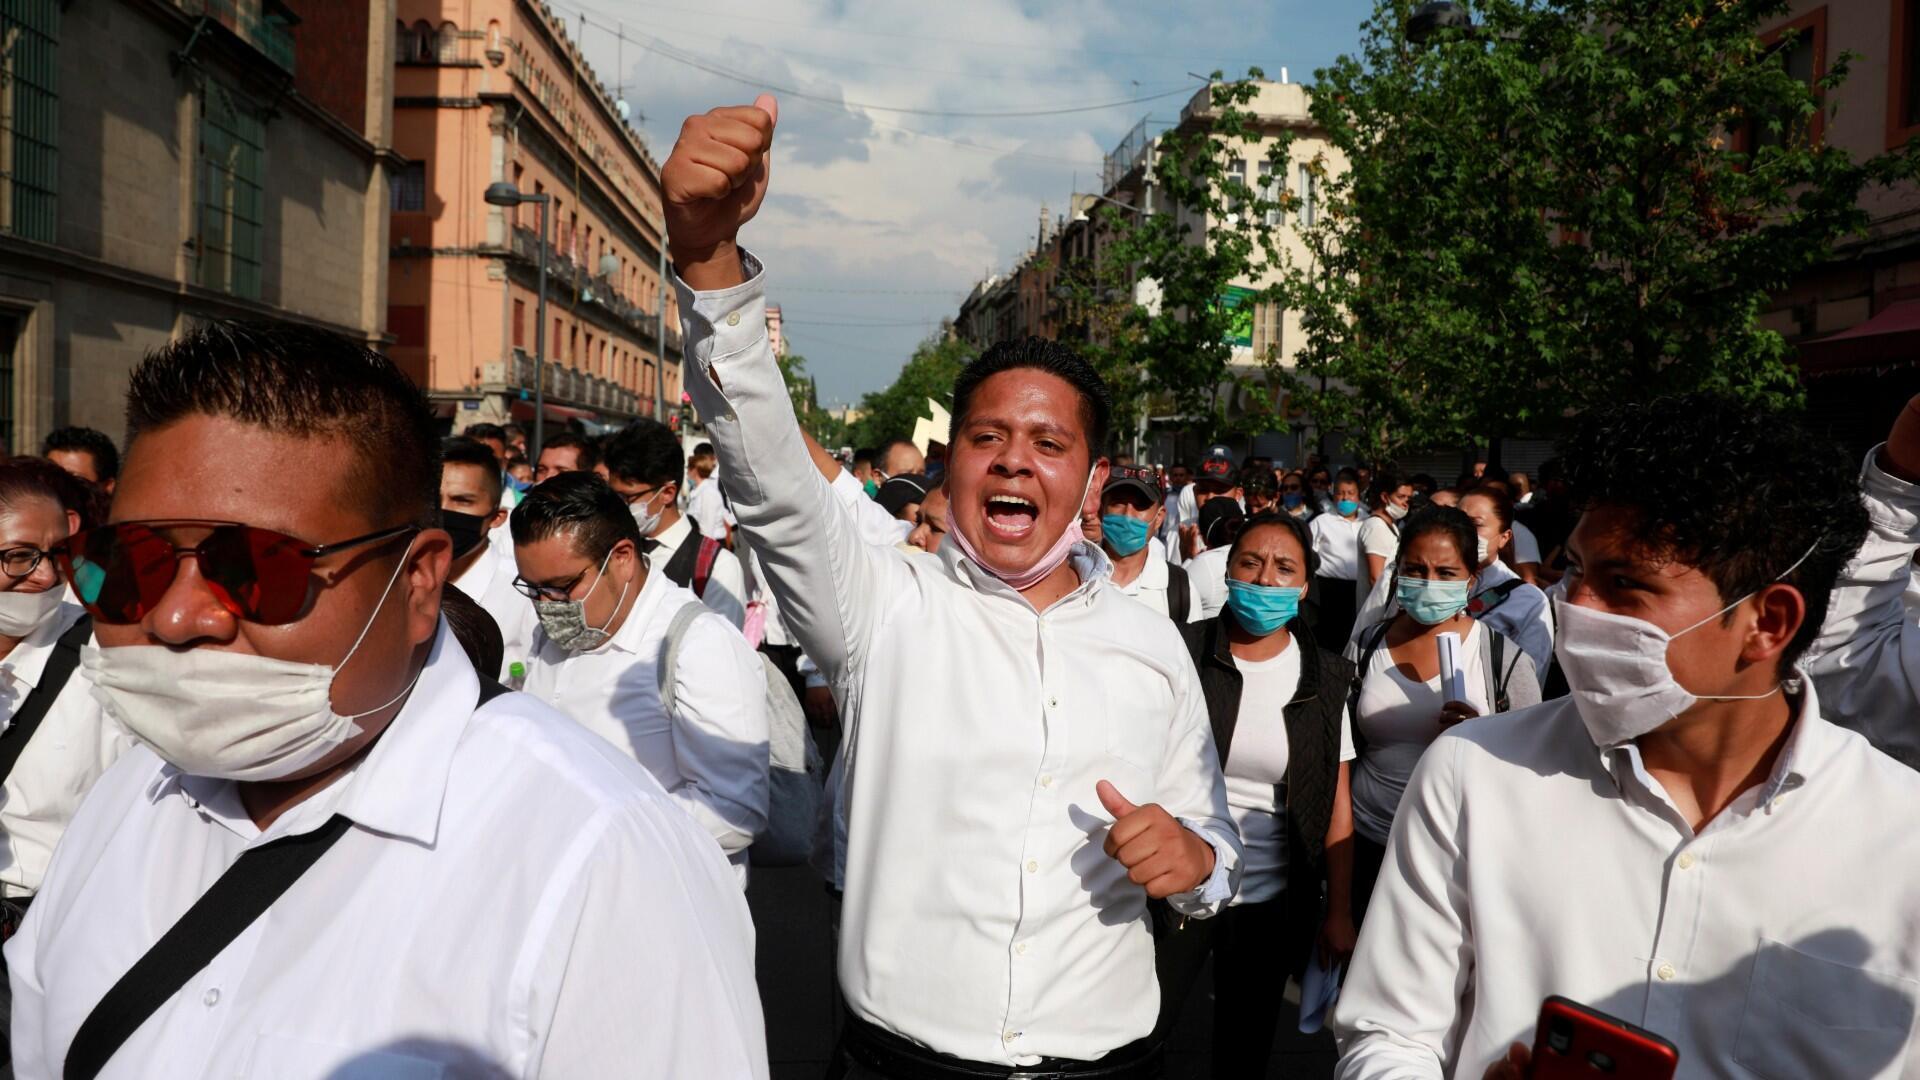 Los camareros participan en una protesta frente al Palacio Nacional para exigir al gobierno federal ayuda con la pérdida de empleos, después de que el gobierno de México declaró una emergencia de salud y emitió normas más estrictas para contener la propagación de la enfermedad por coronavirus (COVID-19), en la Ciudad de México , México, 5 de abril de 2020.